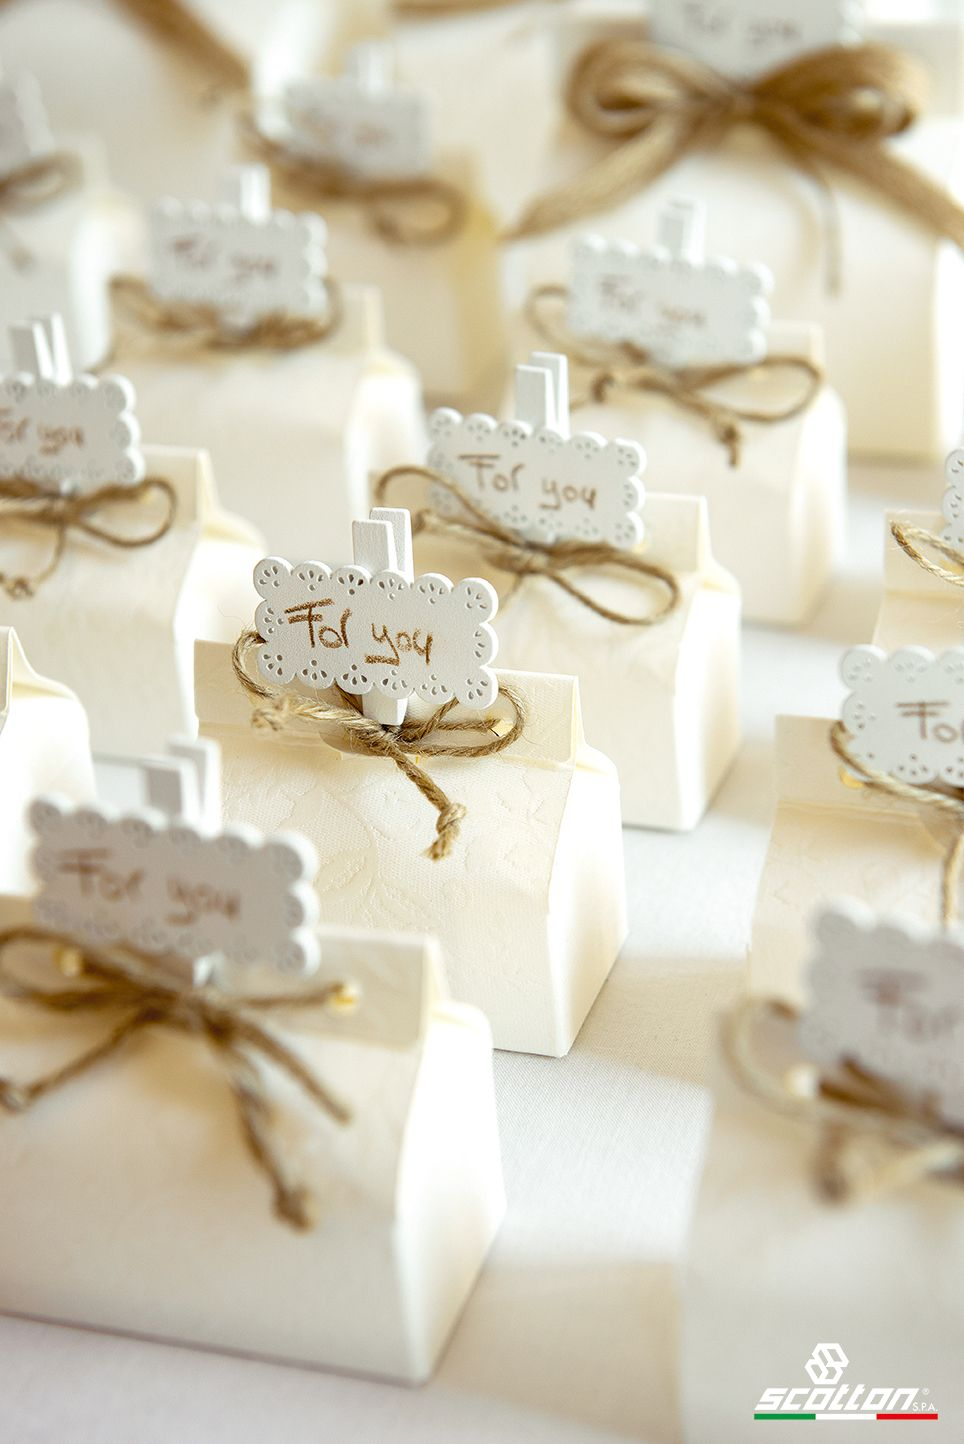 Scatoline Bomboniere Matrimonio.Scatole In Cartone Bianco Idea Bomboniere Per Matrimonio Di